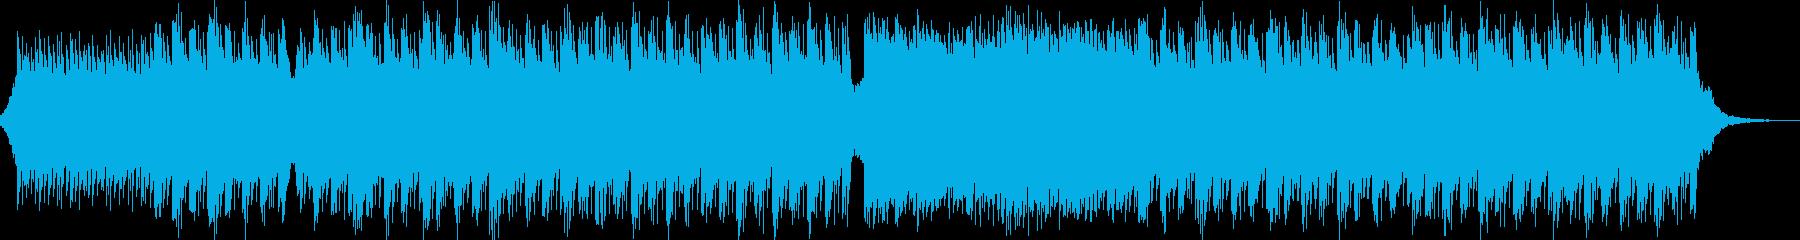 企業VP・爽やか・ギター・ピアノAA02の再生済みの波形